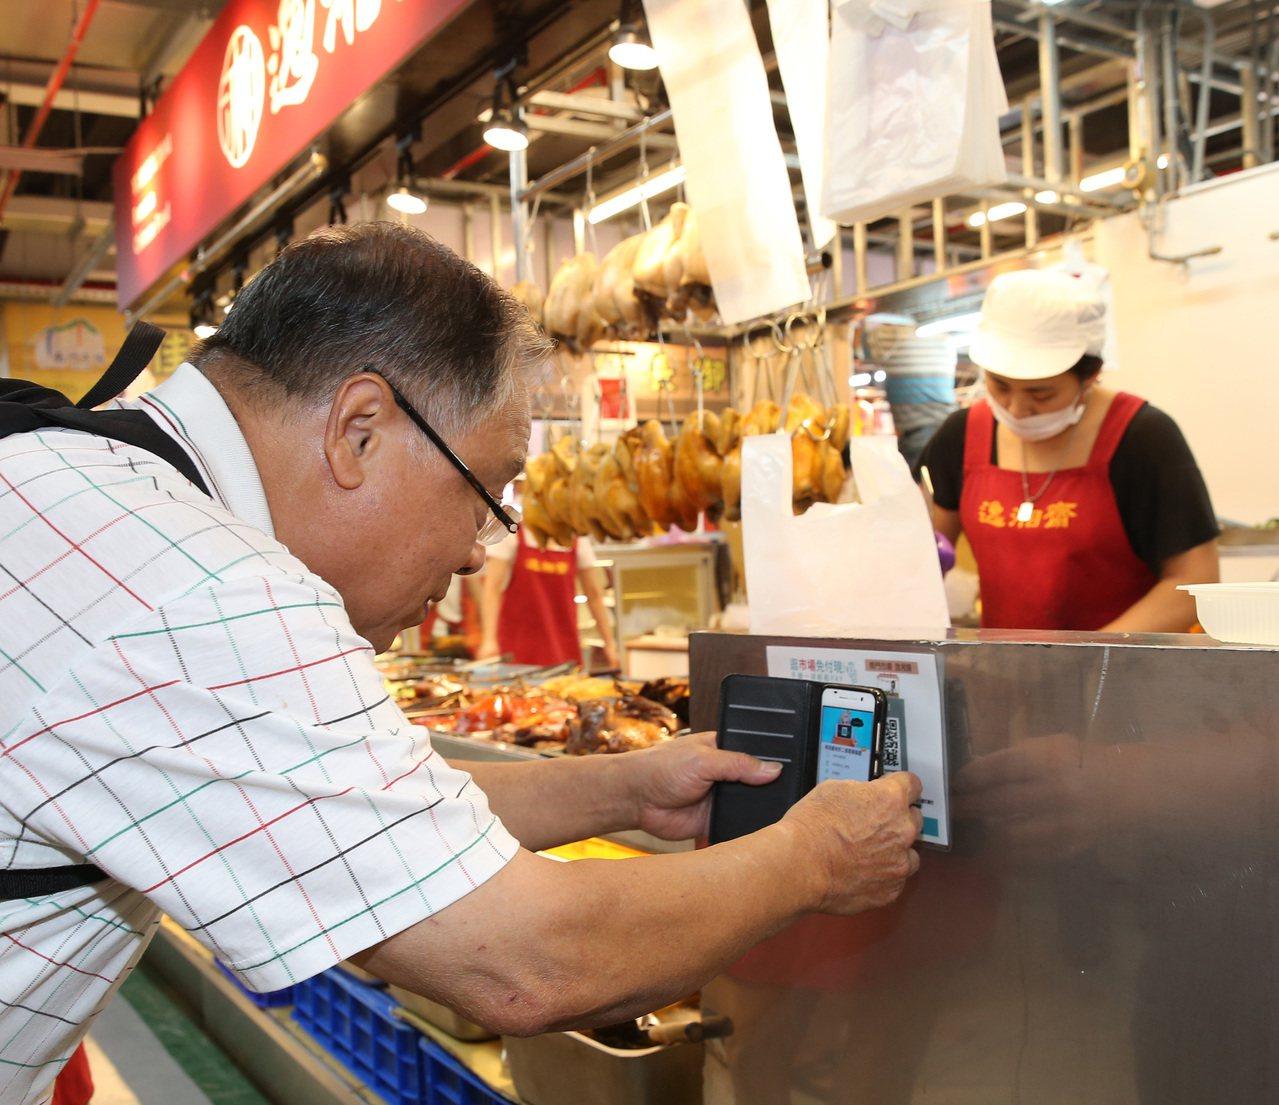 南門中繼市場日前試營運,民眾嘗試使用行動支付消費。圖/聯合報系資料照片